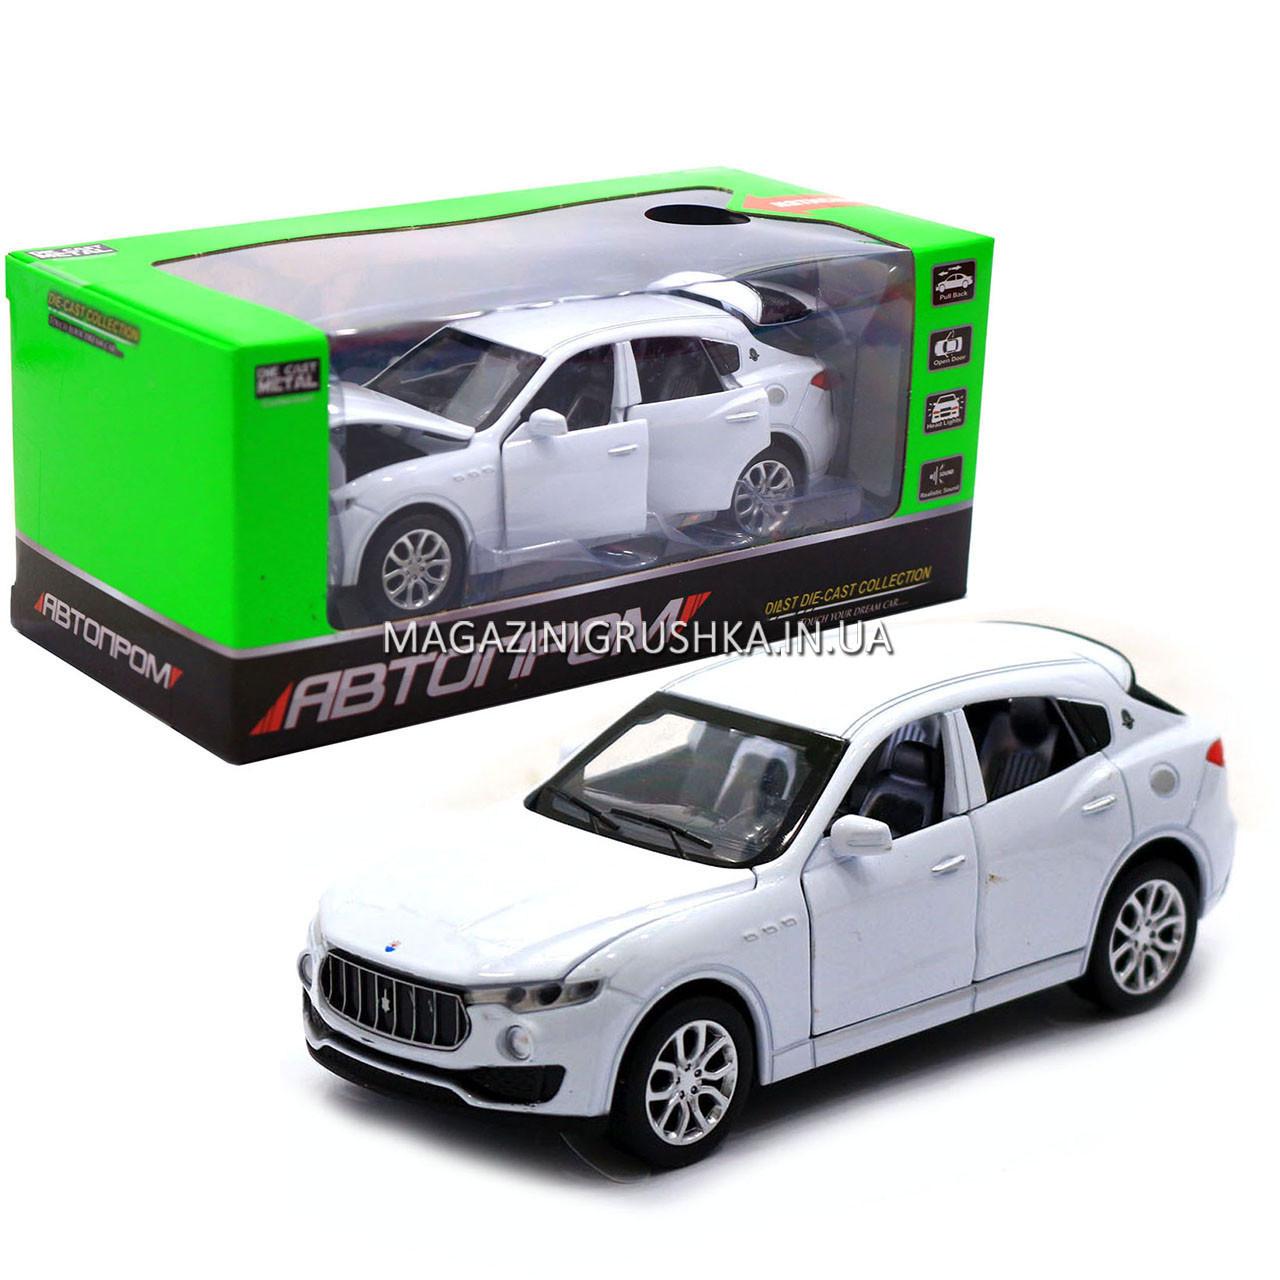 Машинка ігрова автопром «Maserati levante», 14 см, світло, звук, двері відкриваються, білий (7641)